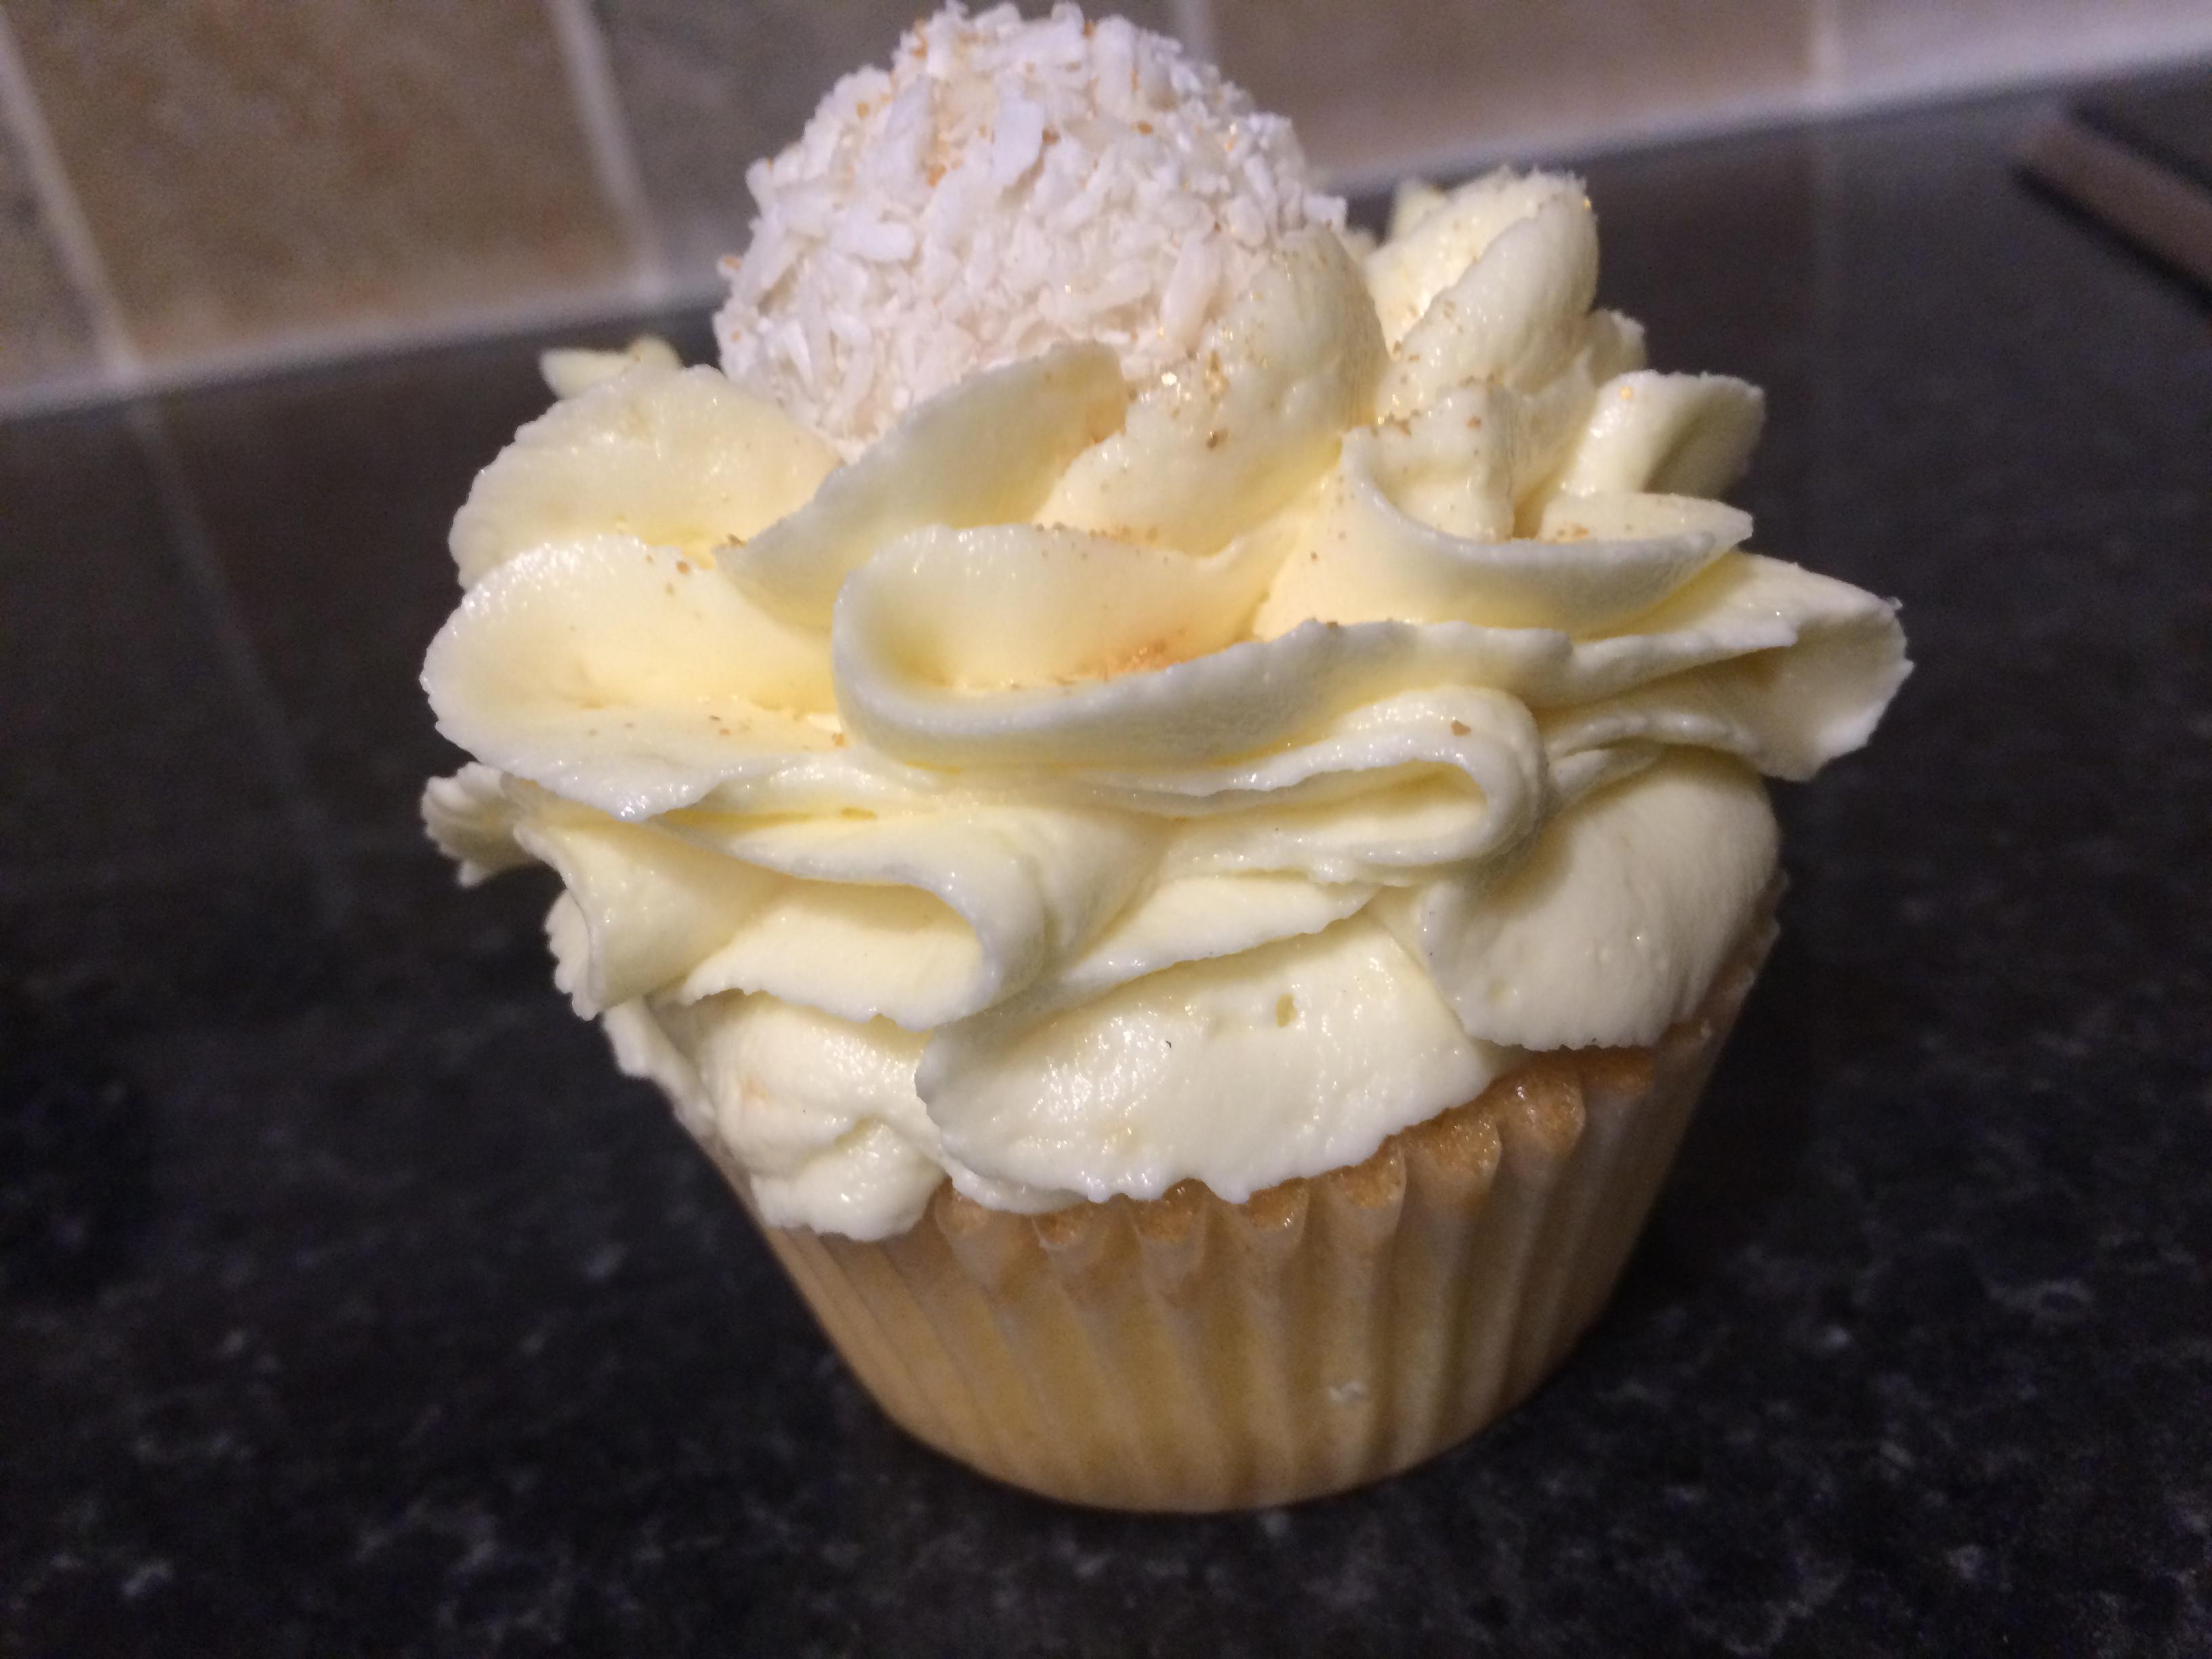 White choc & coconut cupcake